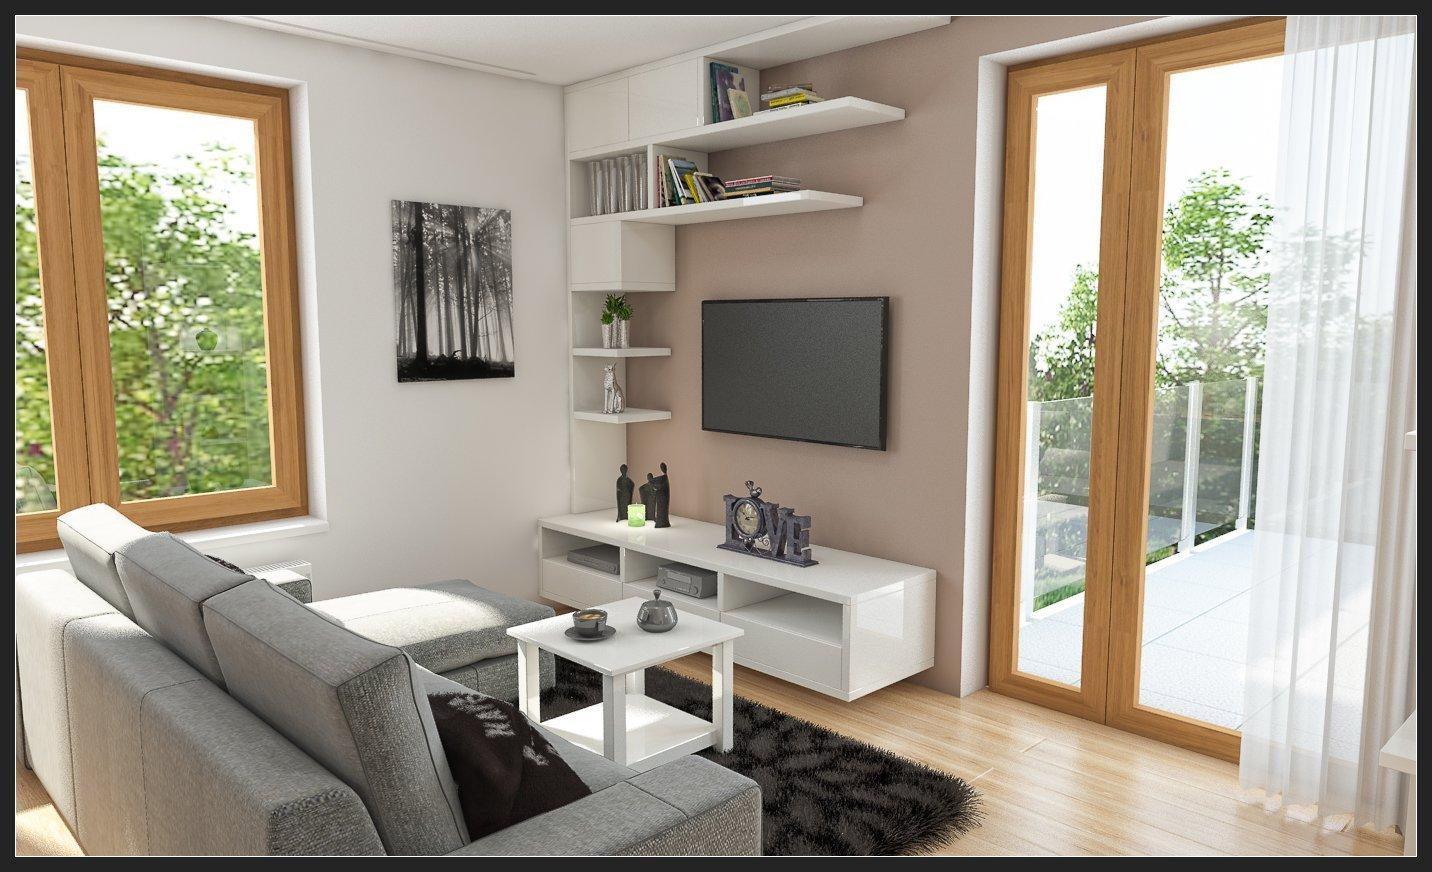 Moderní obývací pokoj s netradiční knihovnou a kuchyní s barovým pultem.